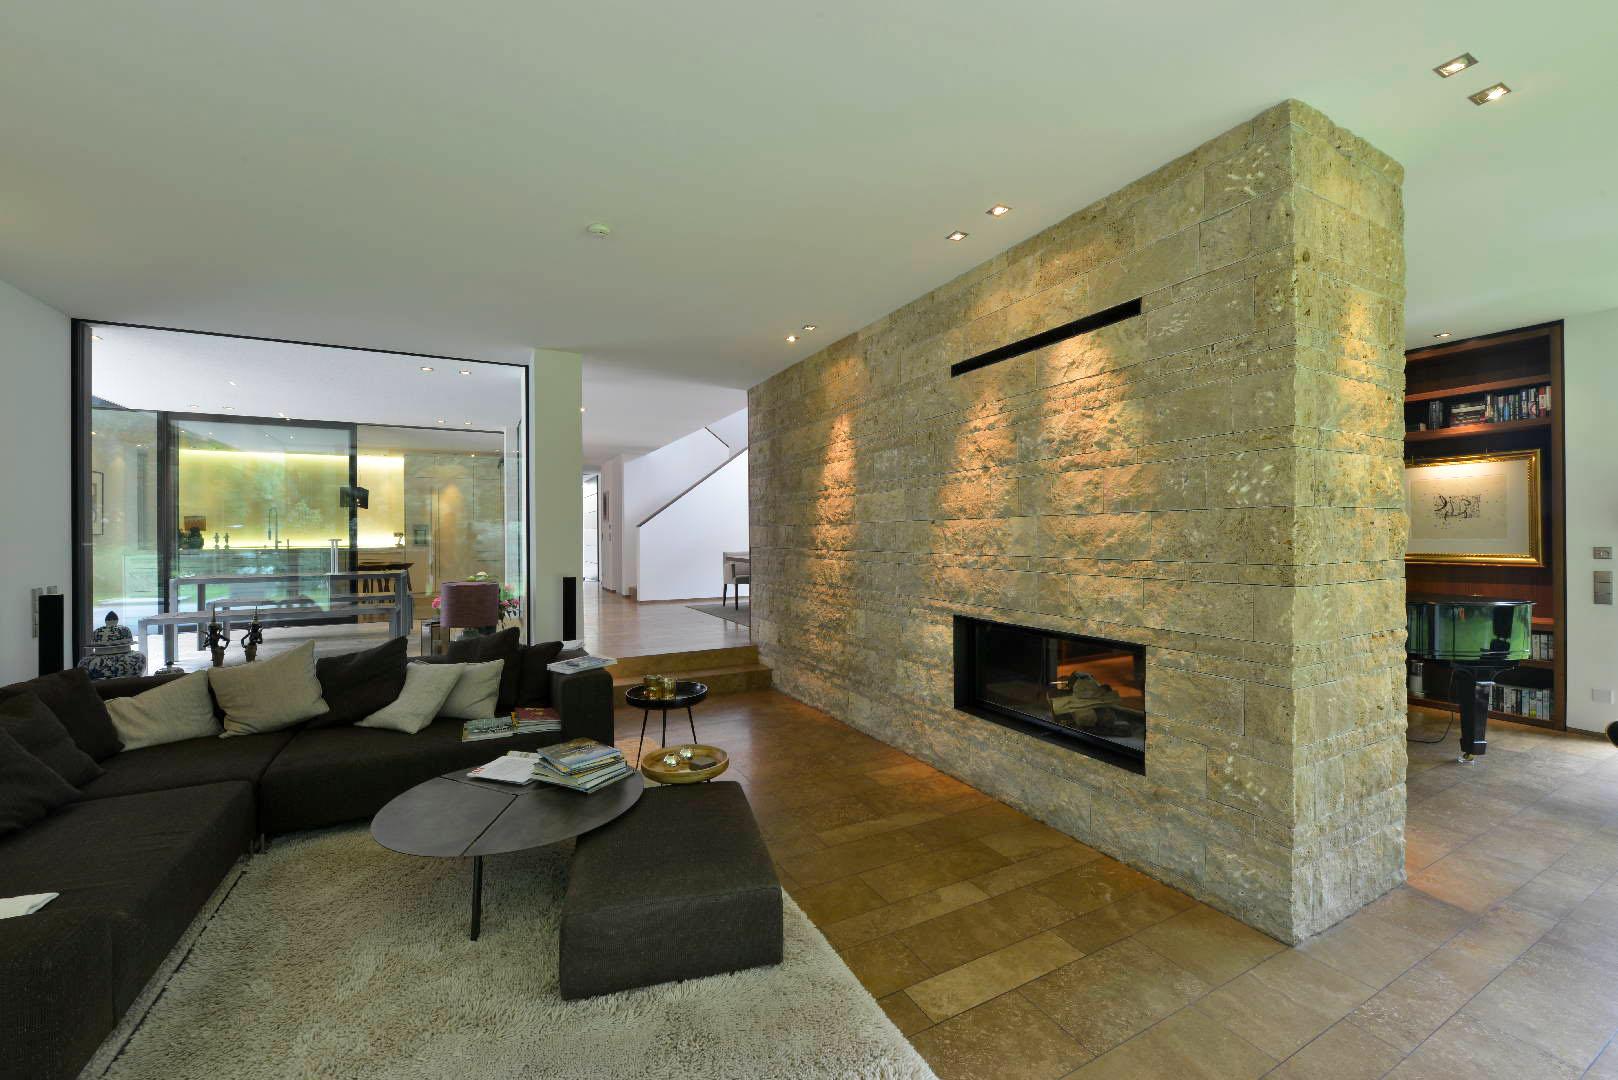 Travertin Bodenplatten und Kaminverkleidung aus Naturstein TRACO